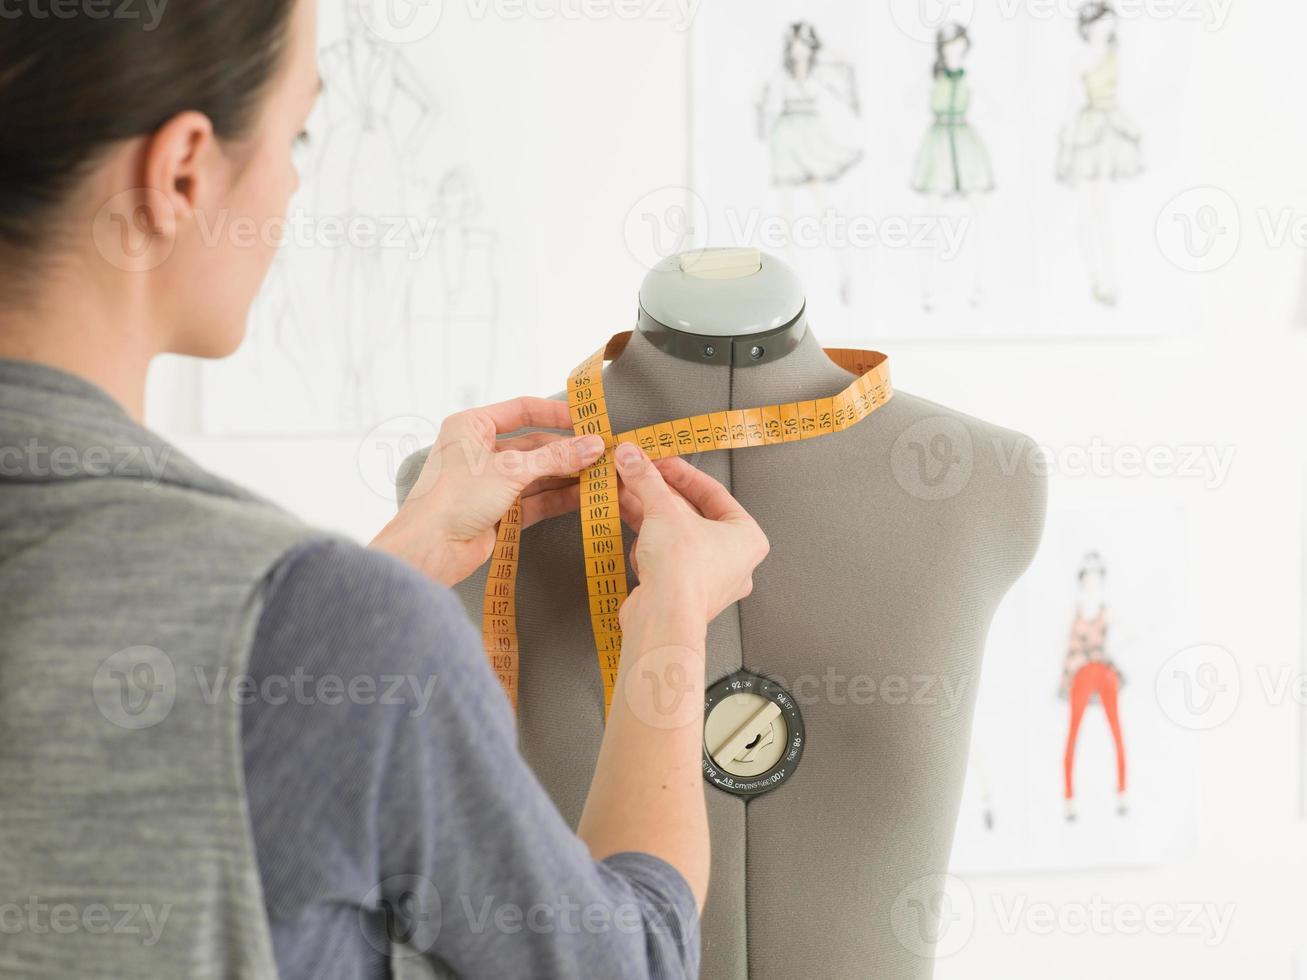 essa criação vai revolucionar a indústria da moda foto